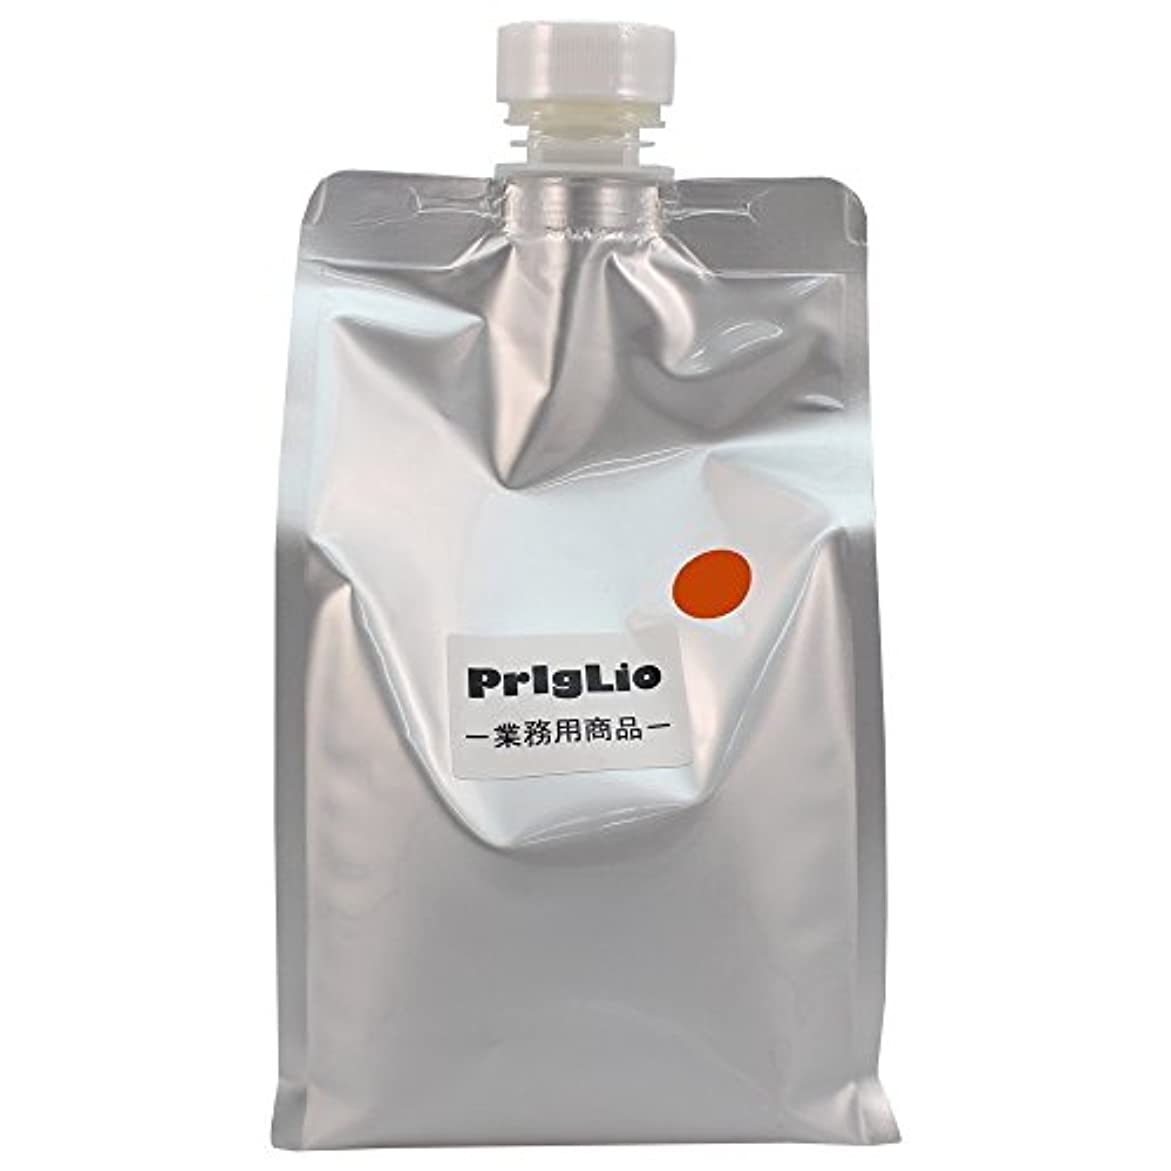 ルーチン染料問い合わせプリグリオD ヘアサプリメント オレンジ 900ml